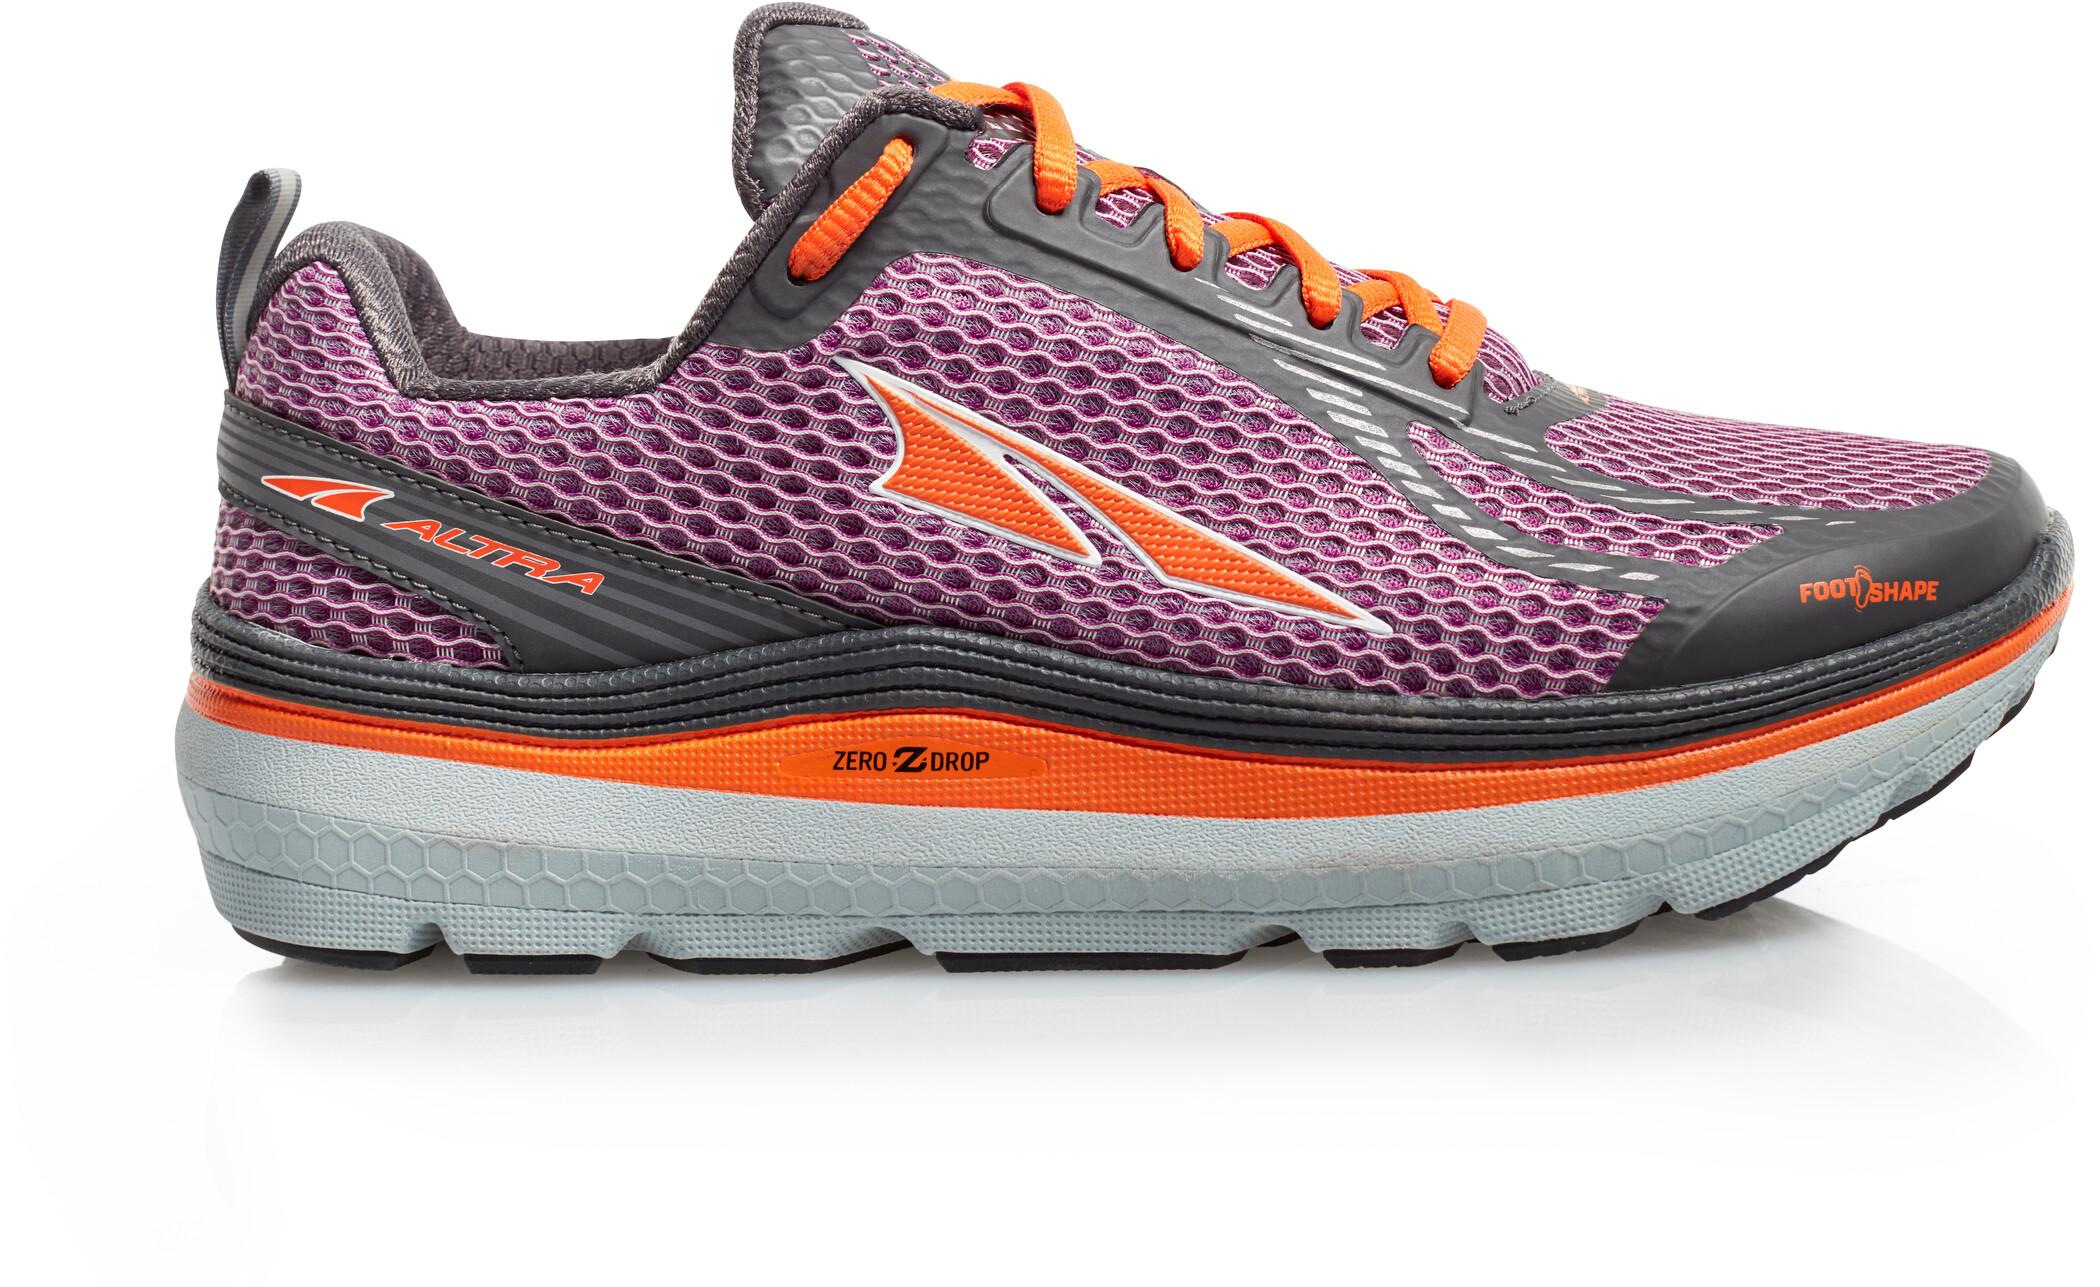 Altra Paradigm 3.0 Løbesko Damer, purple (2019) | Running shoes